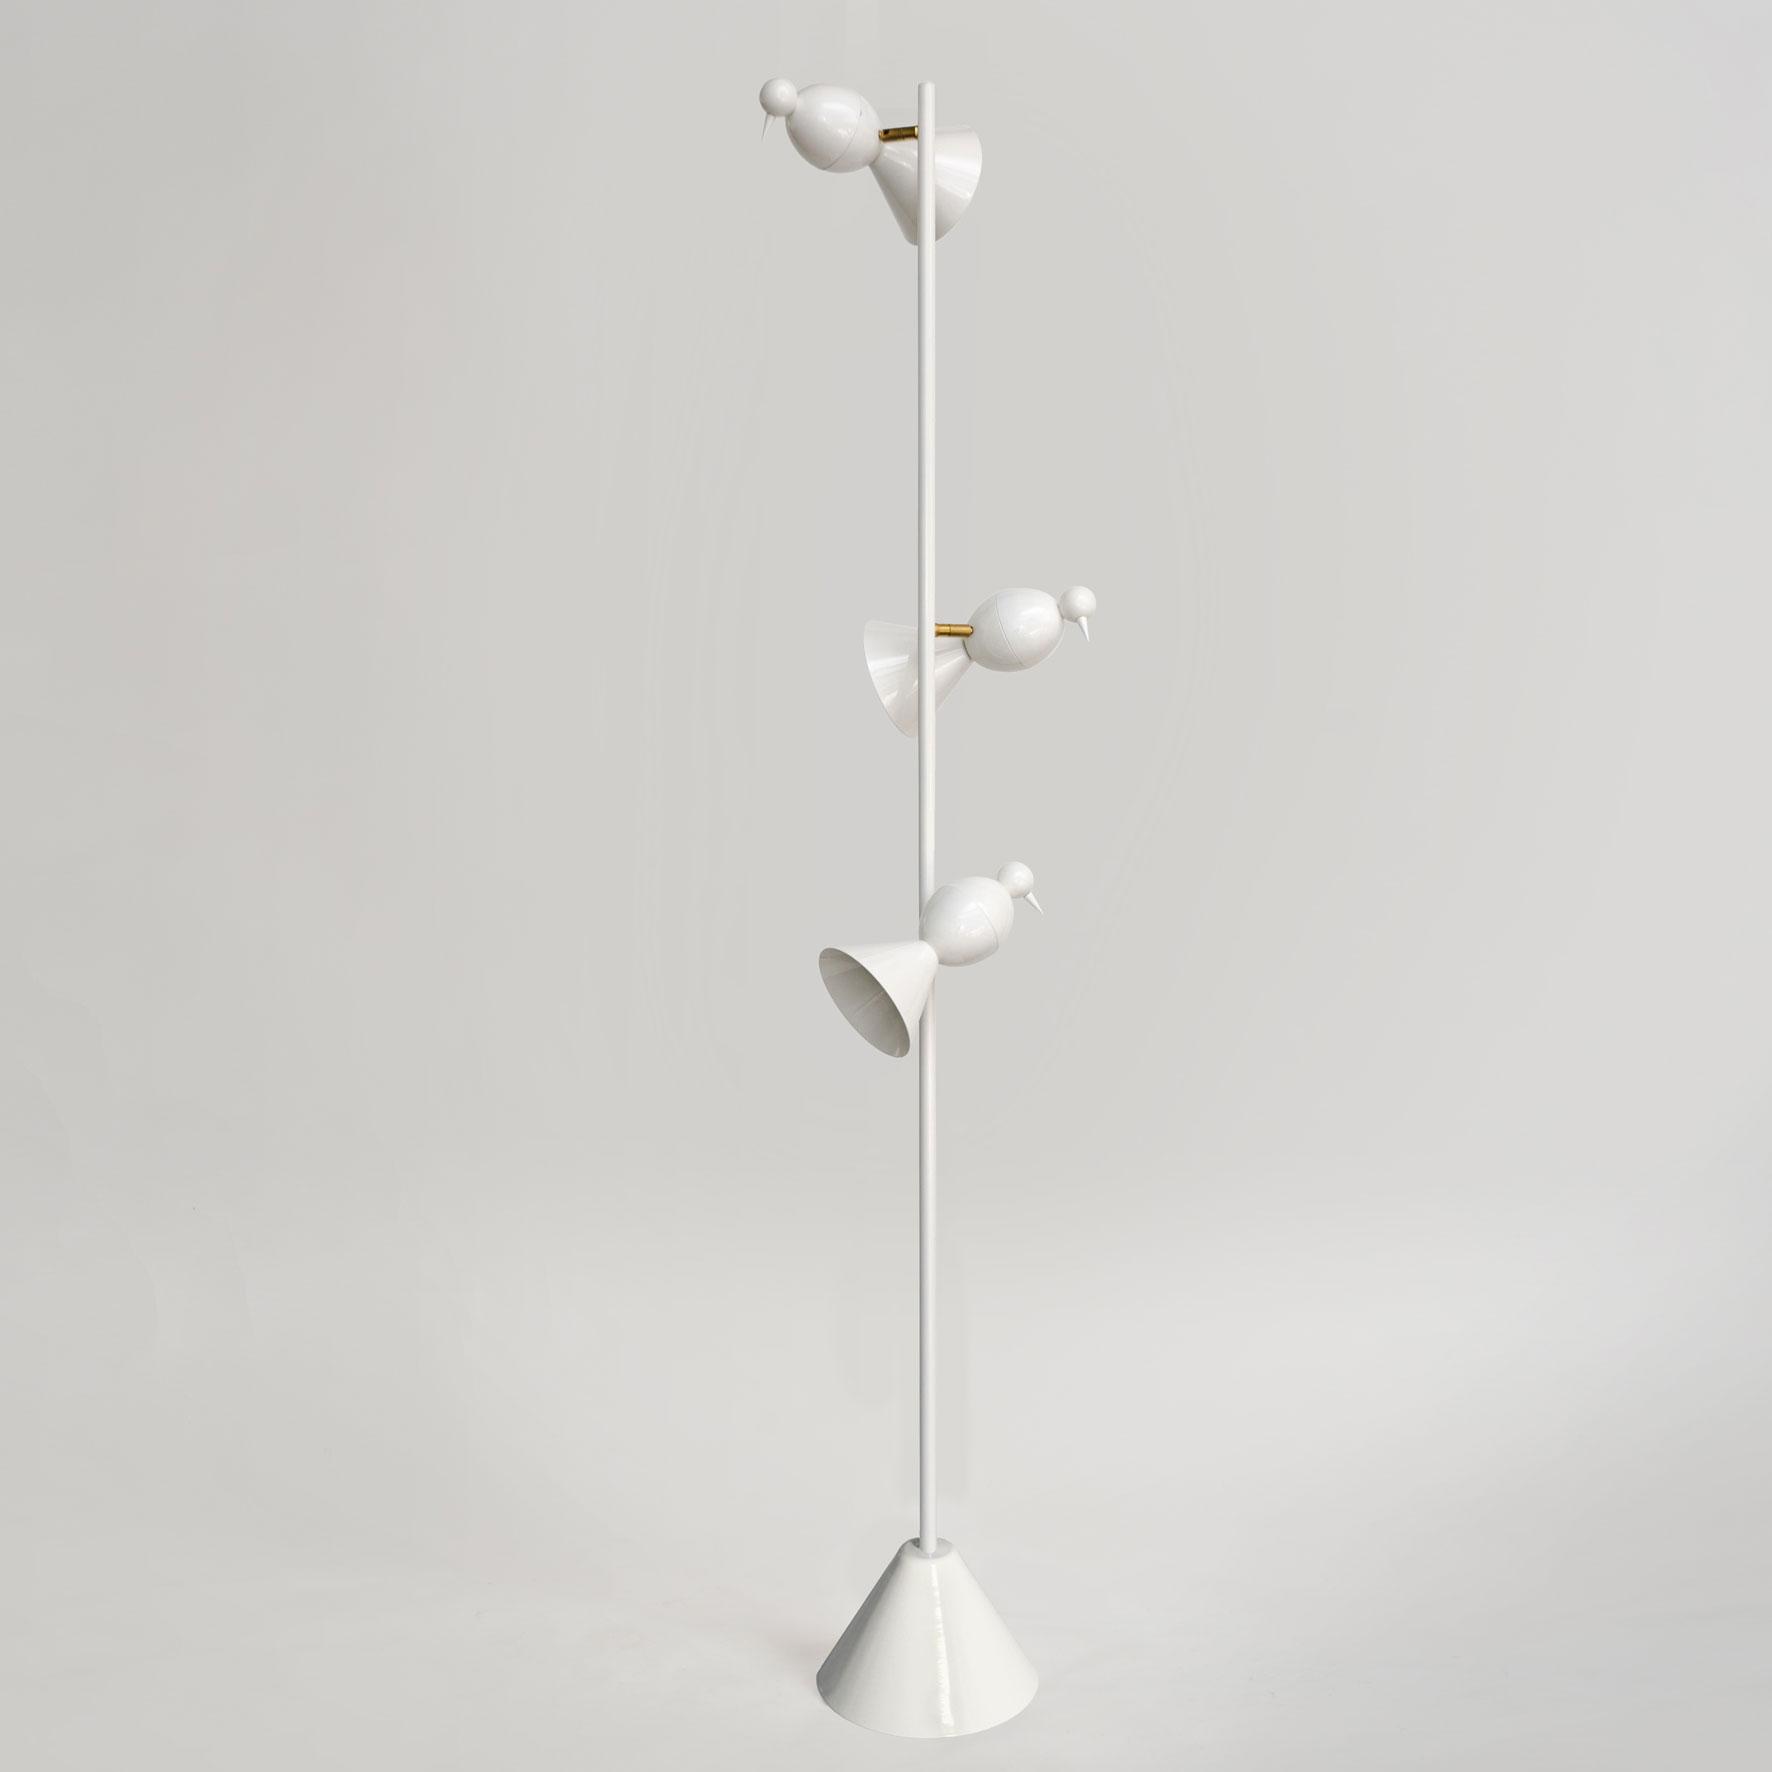 Alouette-white-floor-grey-background.jpg